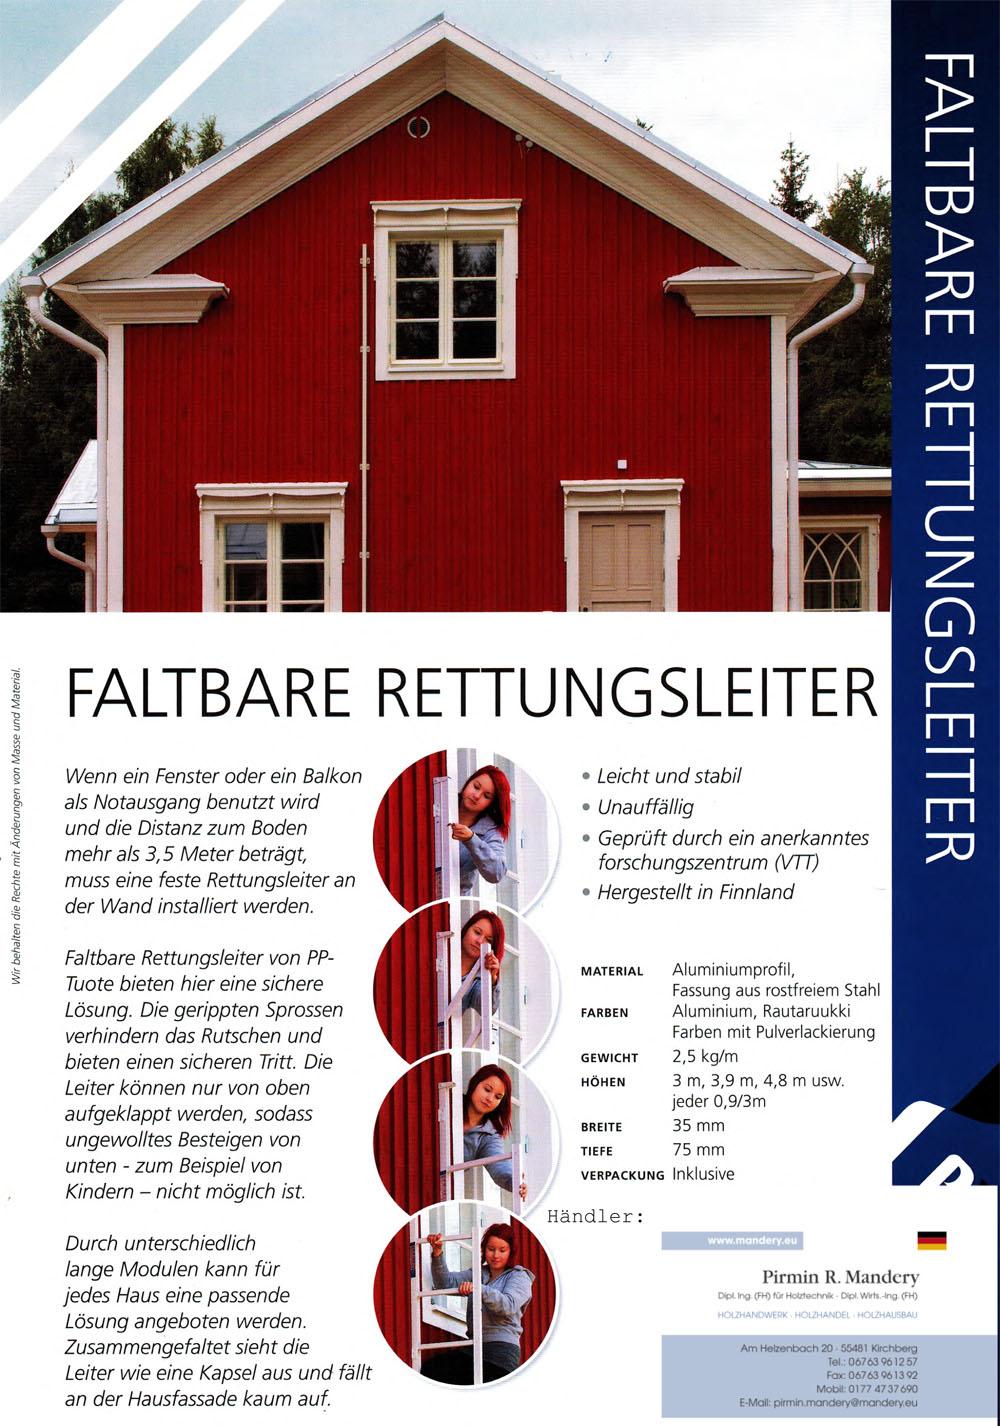 Groß Färben Haus Zeitgenössisch - Malvorlagen Von Tieren - ngadi.info